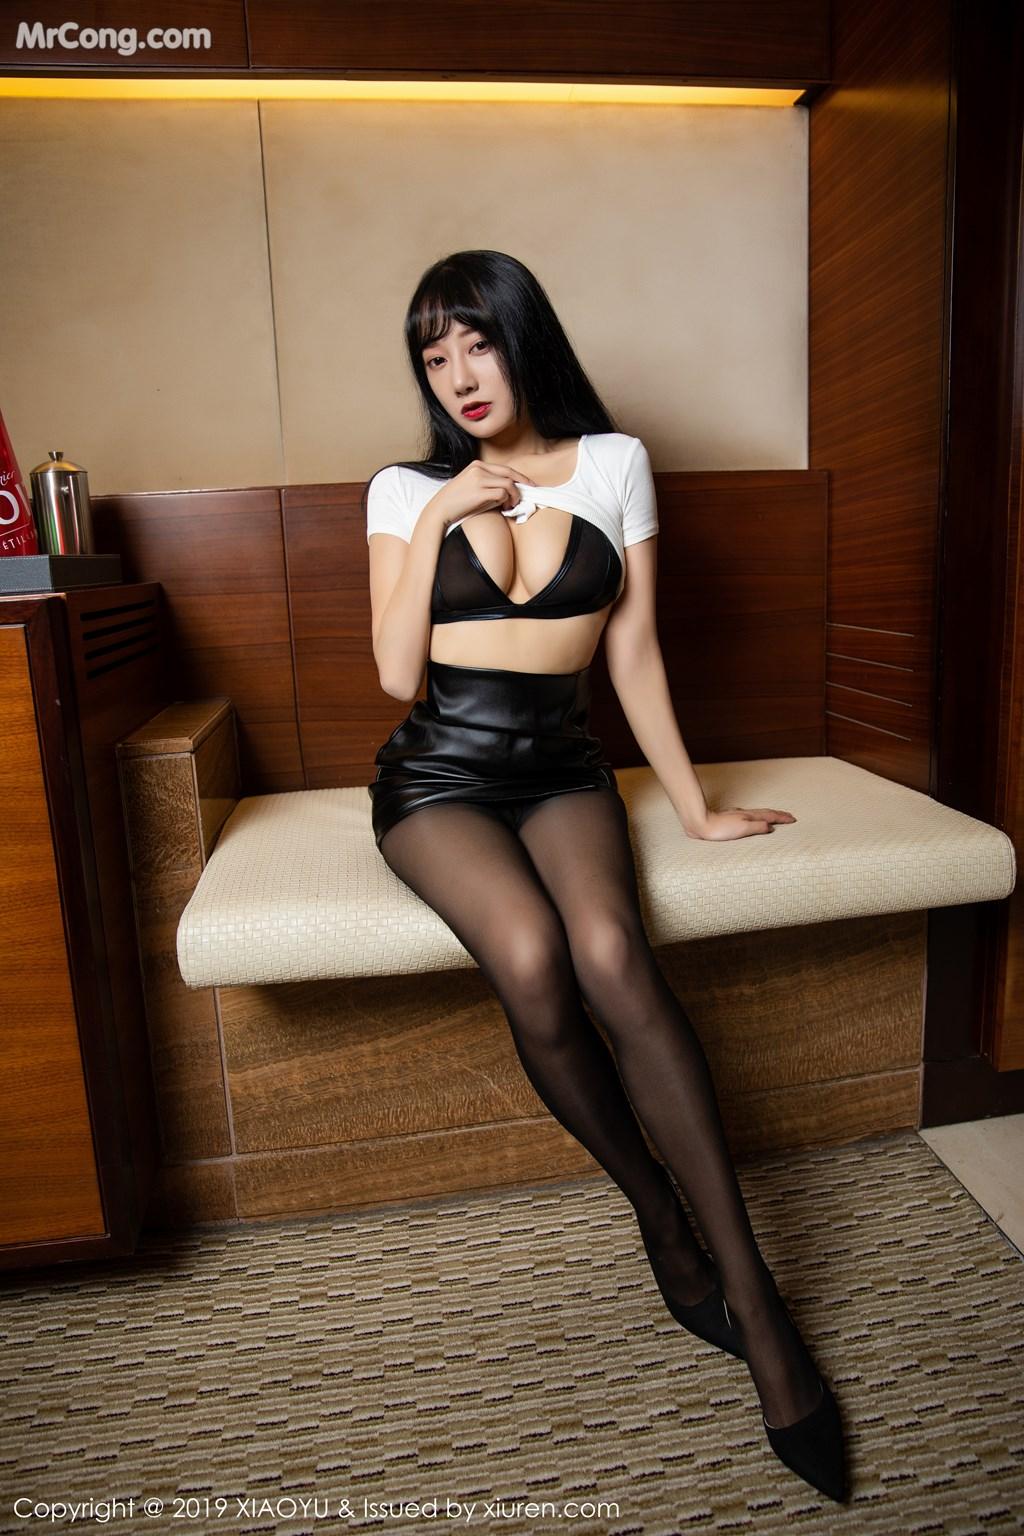 Image XiaoYu-Vol.092-He-Jia-Ying-MrCong.com-003 in post XiaoYu Vol.092: He Jia Ying (何嘉颖) (74 ảnh)